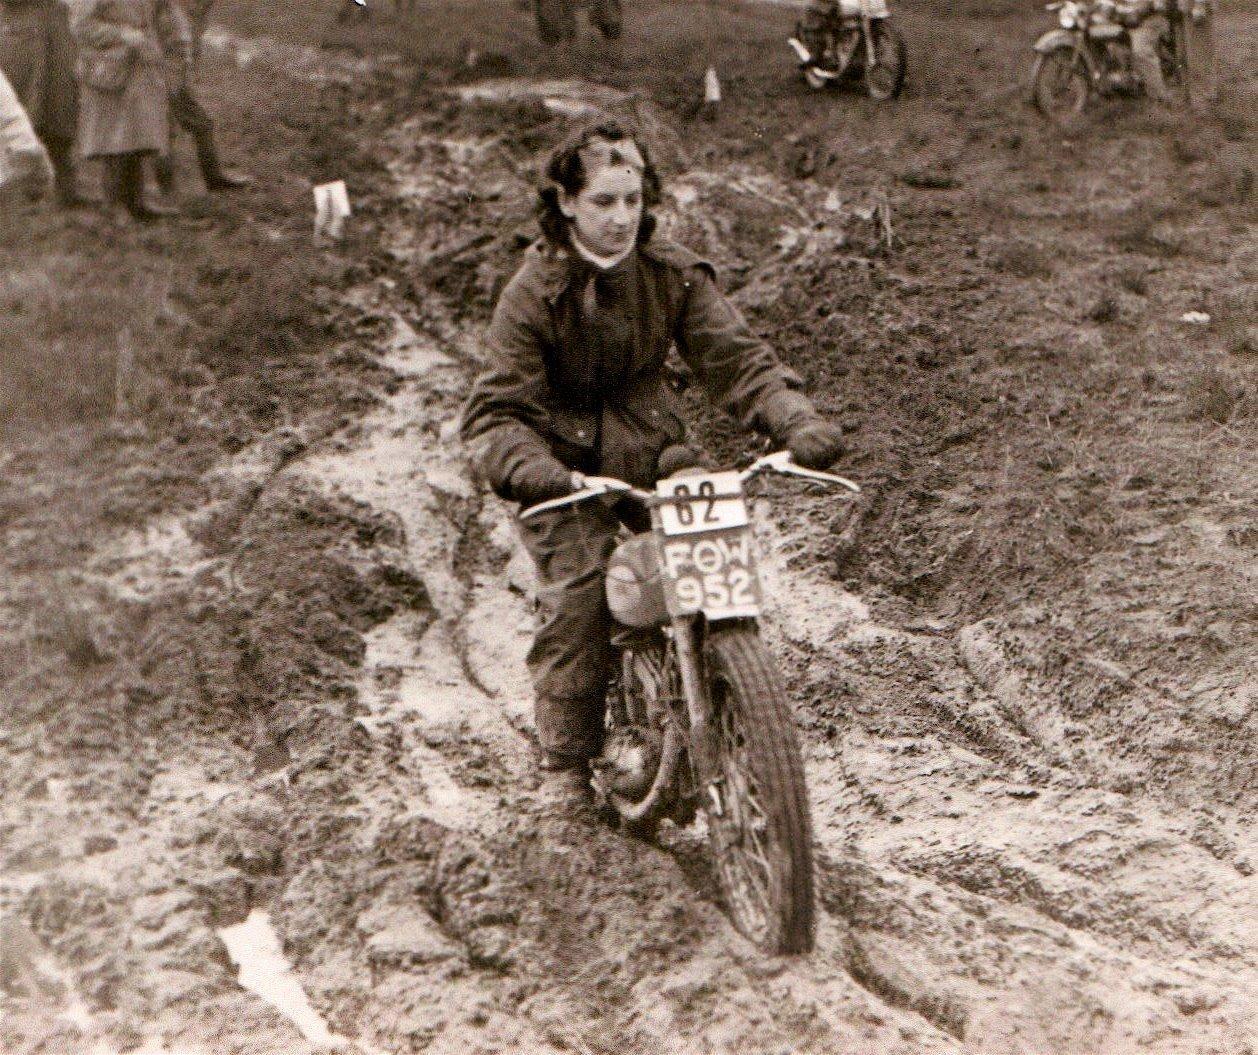 vintage motorcycle hillclimb